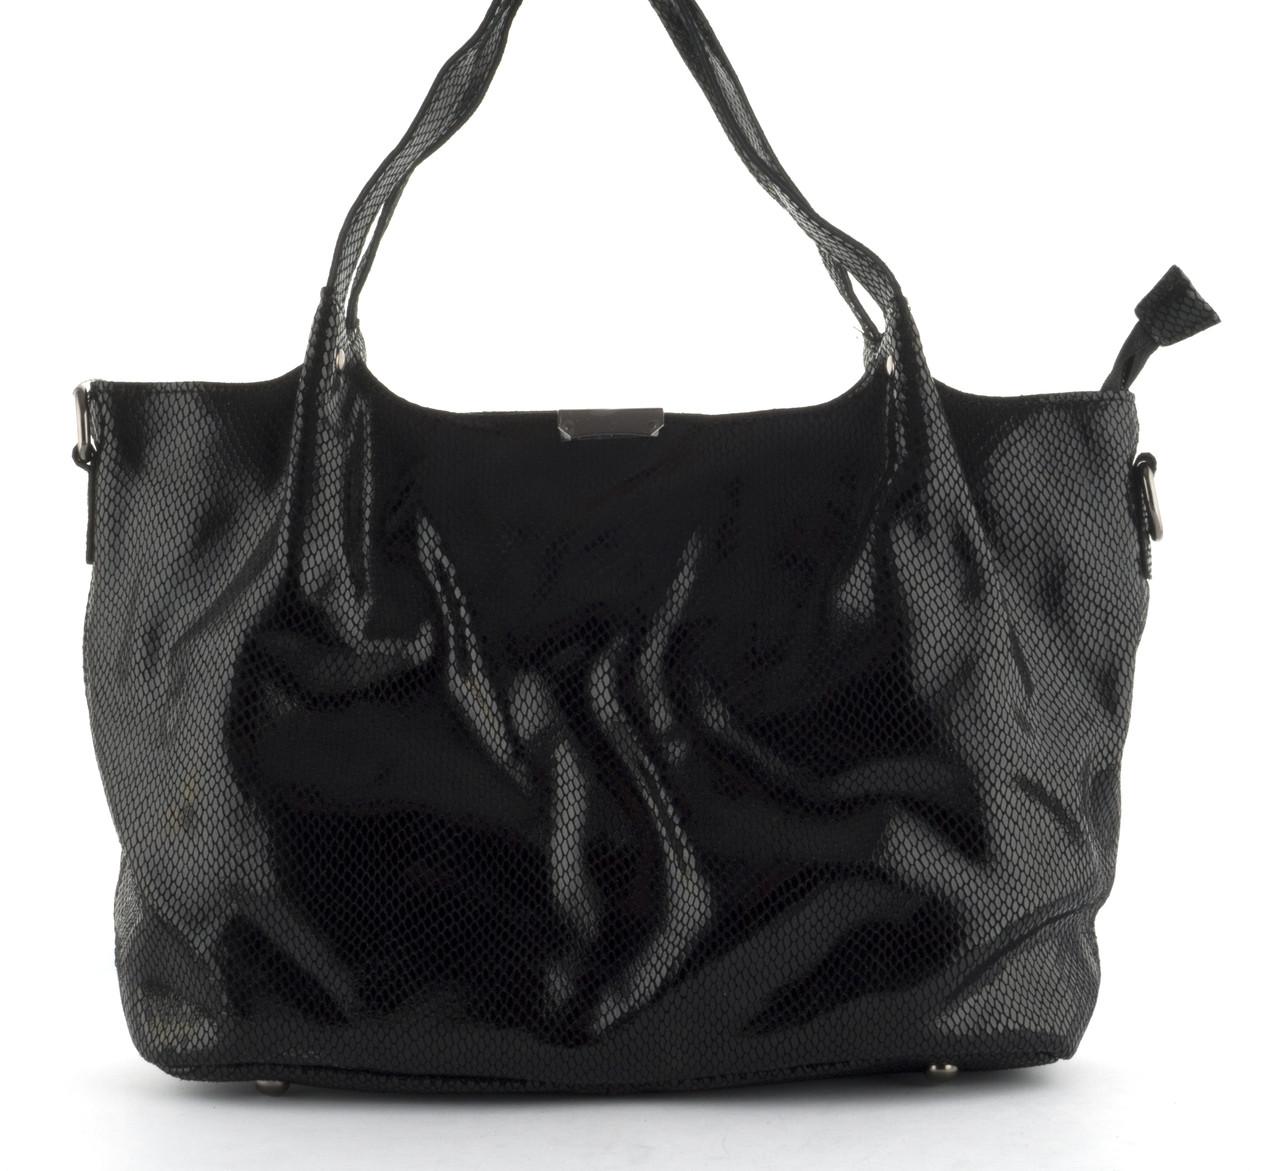 ab39e6a7d9b1 Стильная женская мягкая сумка из натуральной кожи с лазерной обработкой  PRINCESSA art. 8813 черная